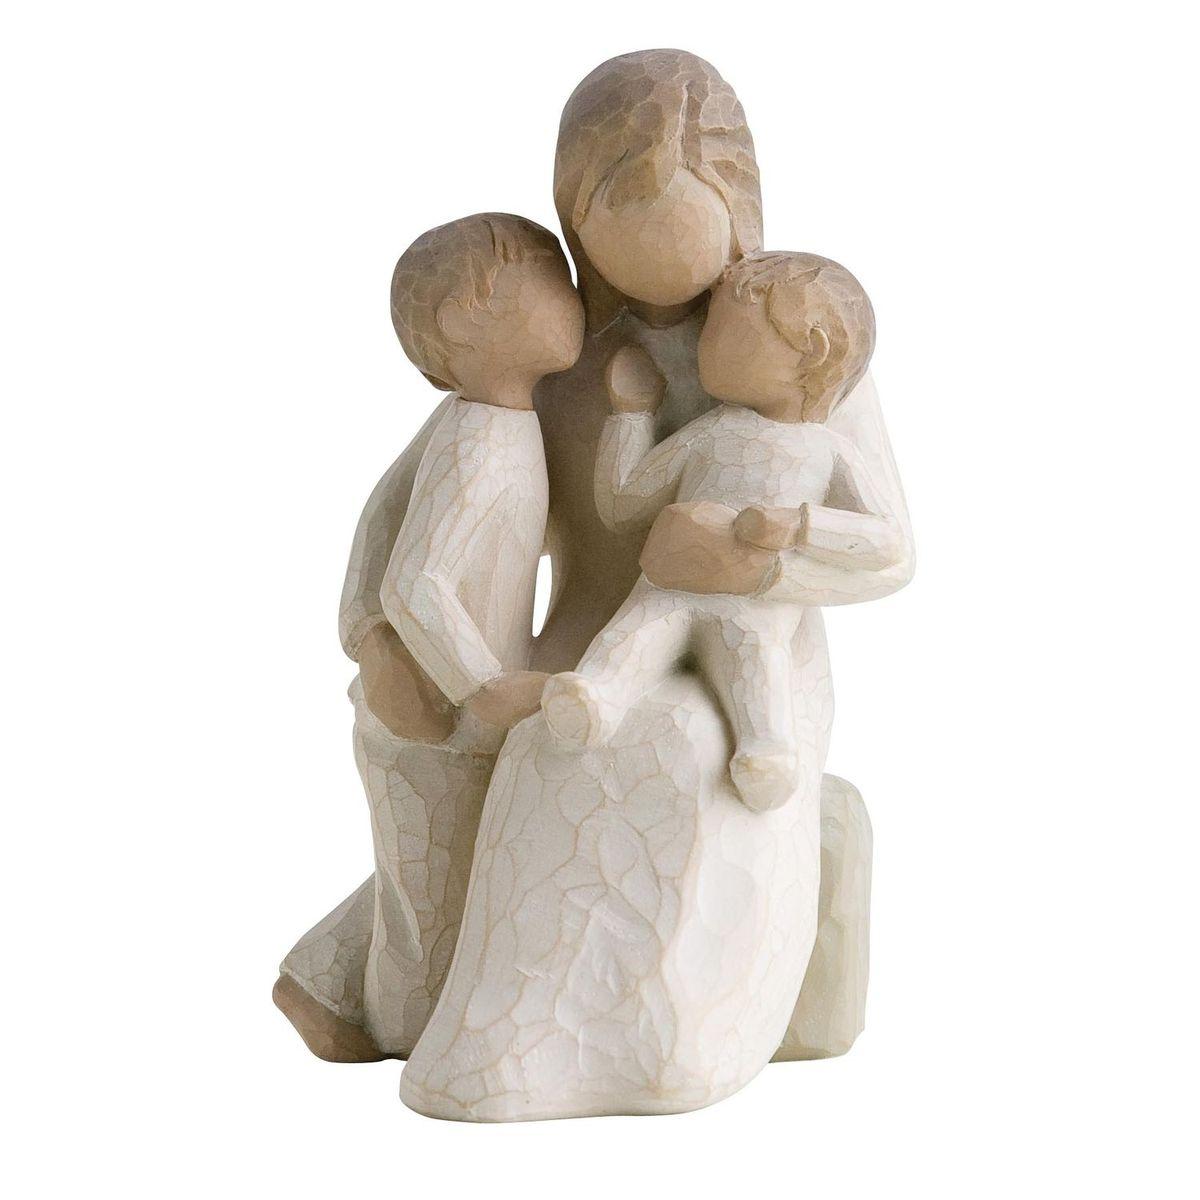 Фигурка декоративная Willow Tree Спокойствие, высота 13,5 смNLED-420-1.5W-RДекоративная фигурка Willow Tree создана канадским скульптором Сьюзан Лорди. Фигурка выполнена из искусственного камня (49% карбонат кальция мелкозернистой разновидности, 51% искусственный камень).Фигурка Willow Tree – это настоящее произведение искусства, образная скульптура в миниатюре, изображающая эмоции и чувства, которые помогают чувствовать себя ближе к другим, верить в мечту, выражать любовь.Фигурка помещена в красивую упаковку.Купить такой оригинальный подарок, значит не только украсить интерьер помещения или жилой комнаты, но выразить свое глубокое отношение к любимому человеку. Этот прекрасный сувенир будет лучшим подарком на день ангела, именины, день рождения, юбилей.